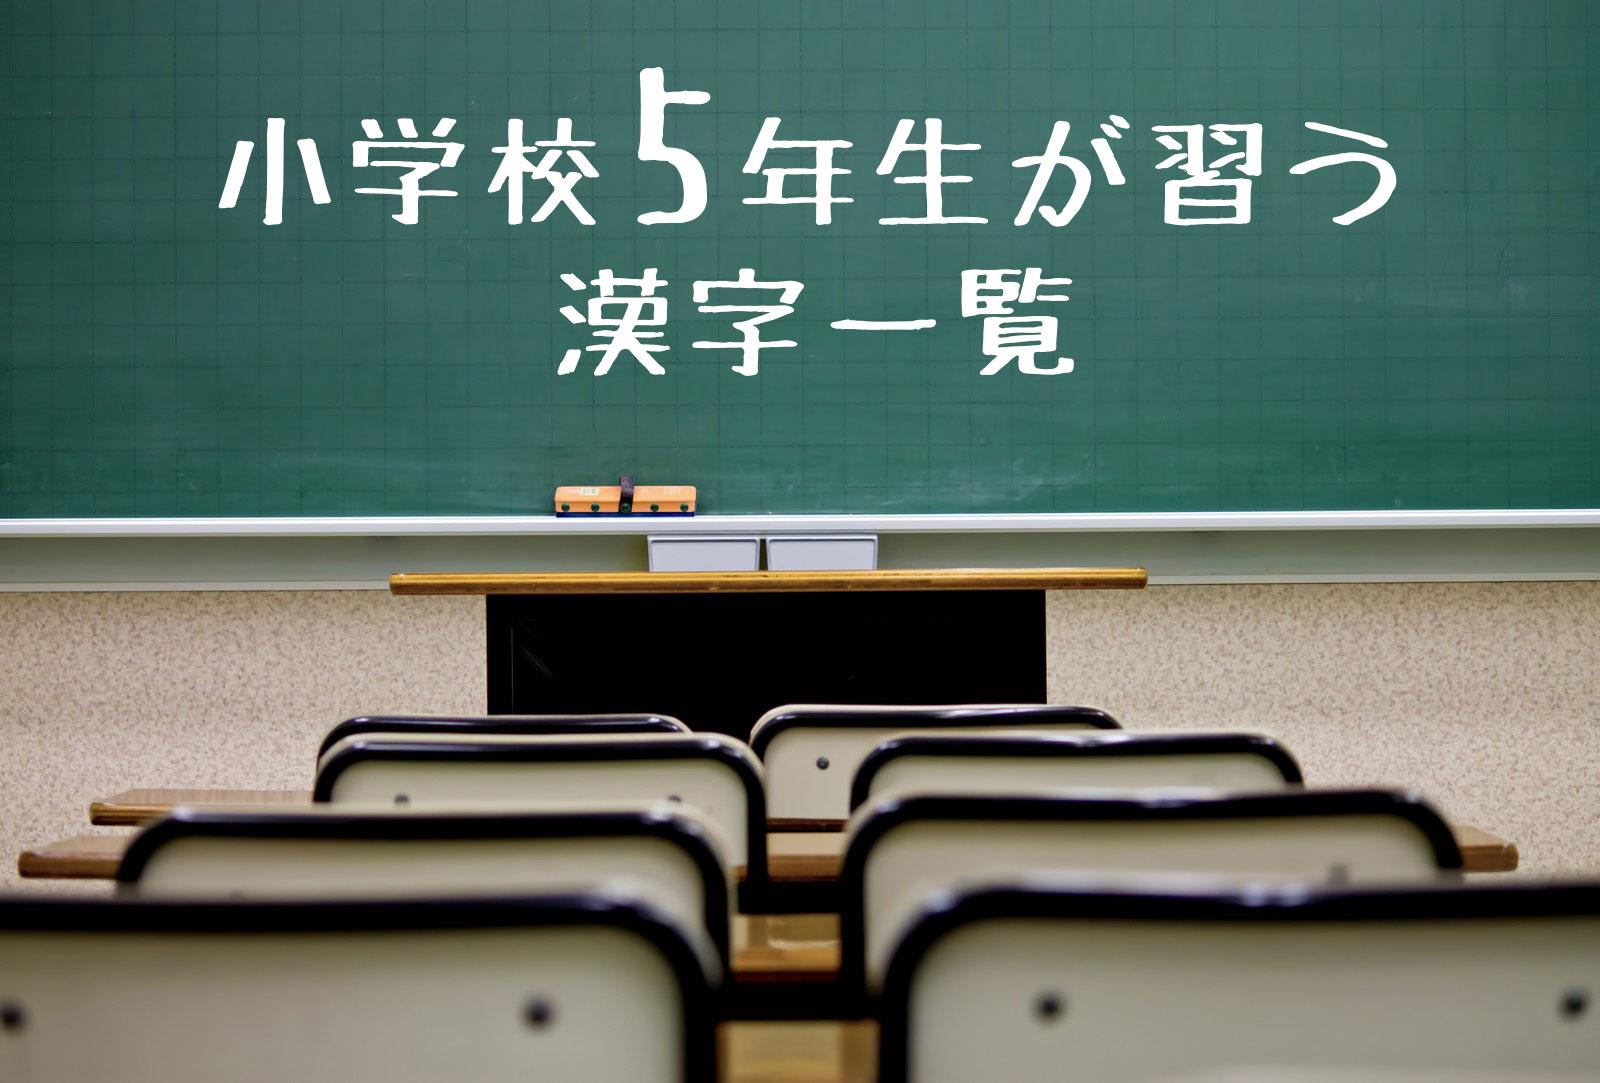 『小学校5年生が習う漢字』185字一覧~音読み・訓読み